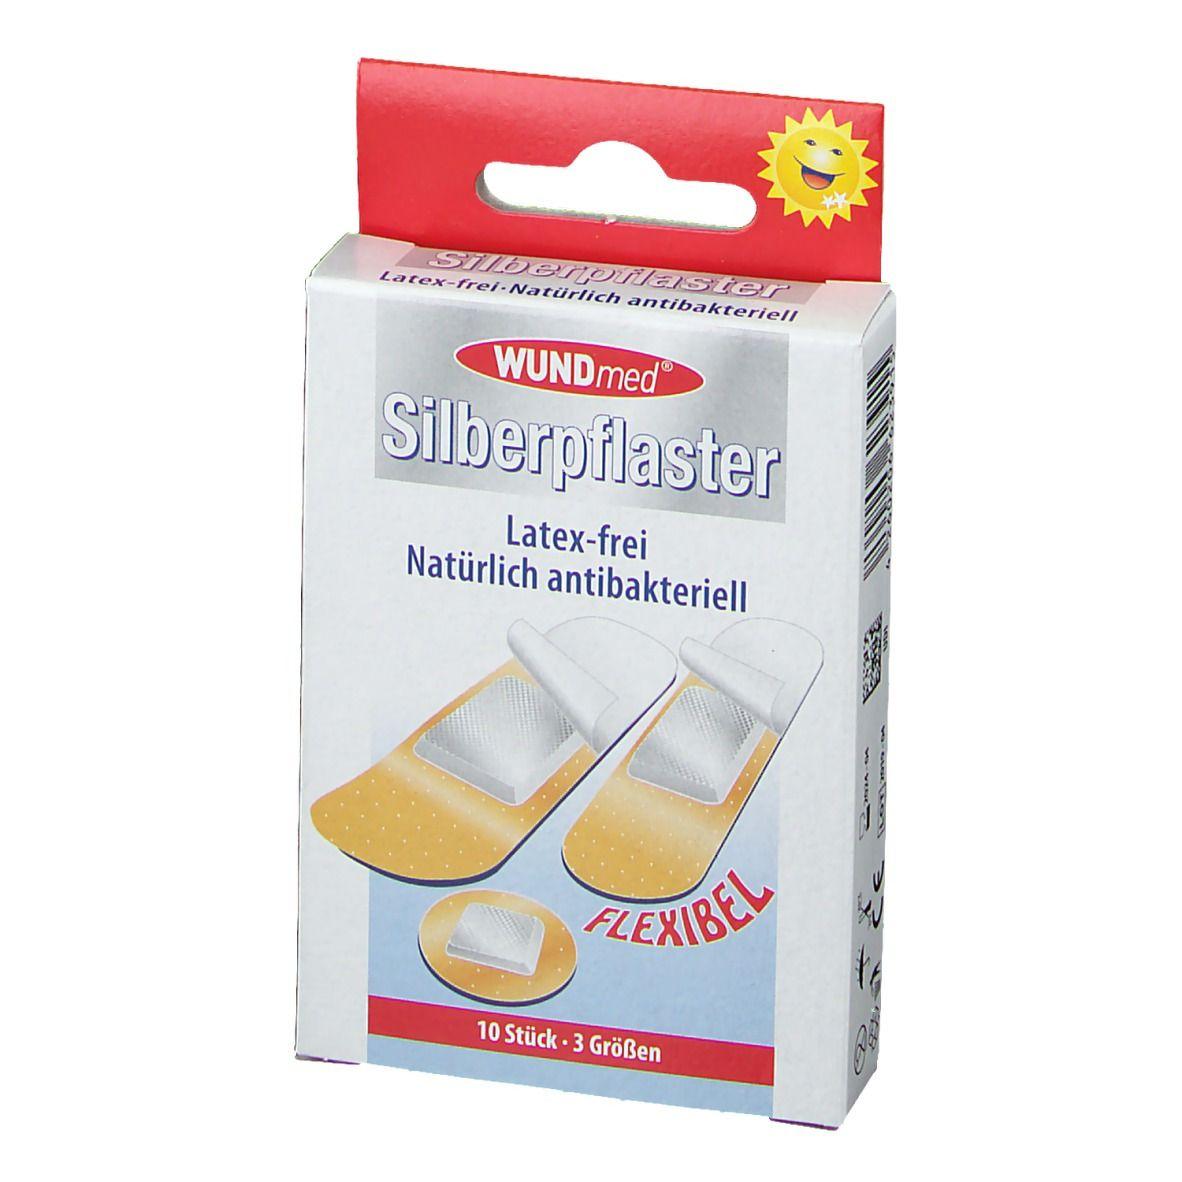 WUNDmed SilverPlast náplasť vodeodolná 10ks